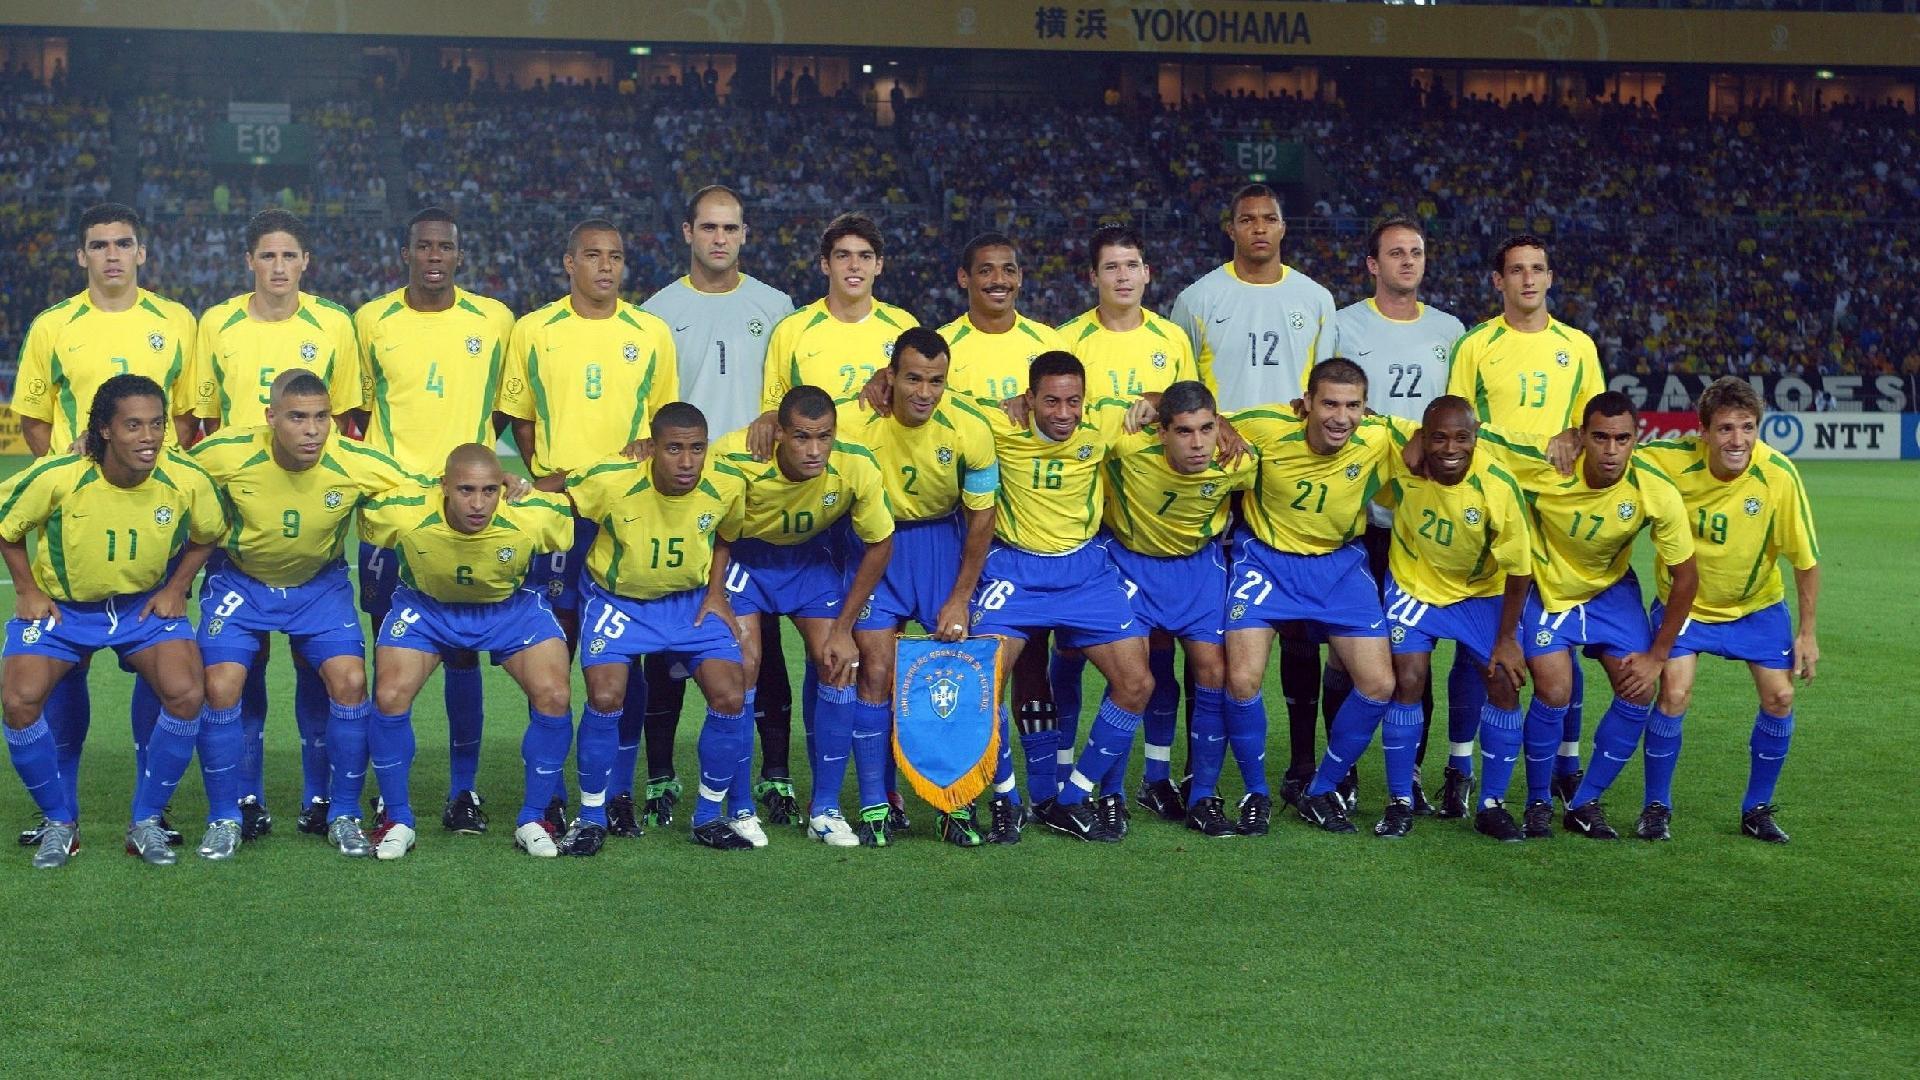 Seleção brasileira na tradicional foto do time antes da final da Copa do Mundo de 2002